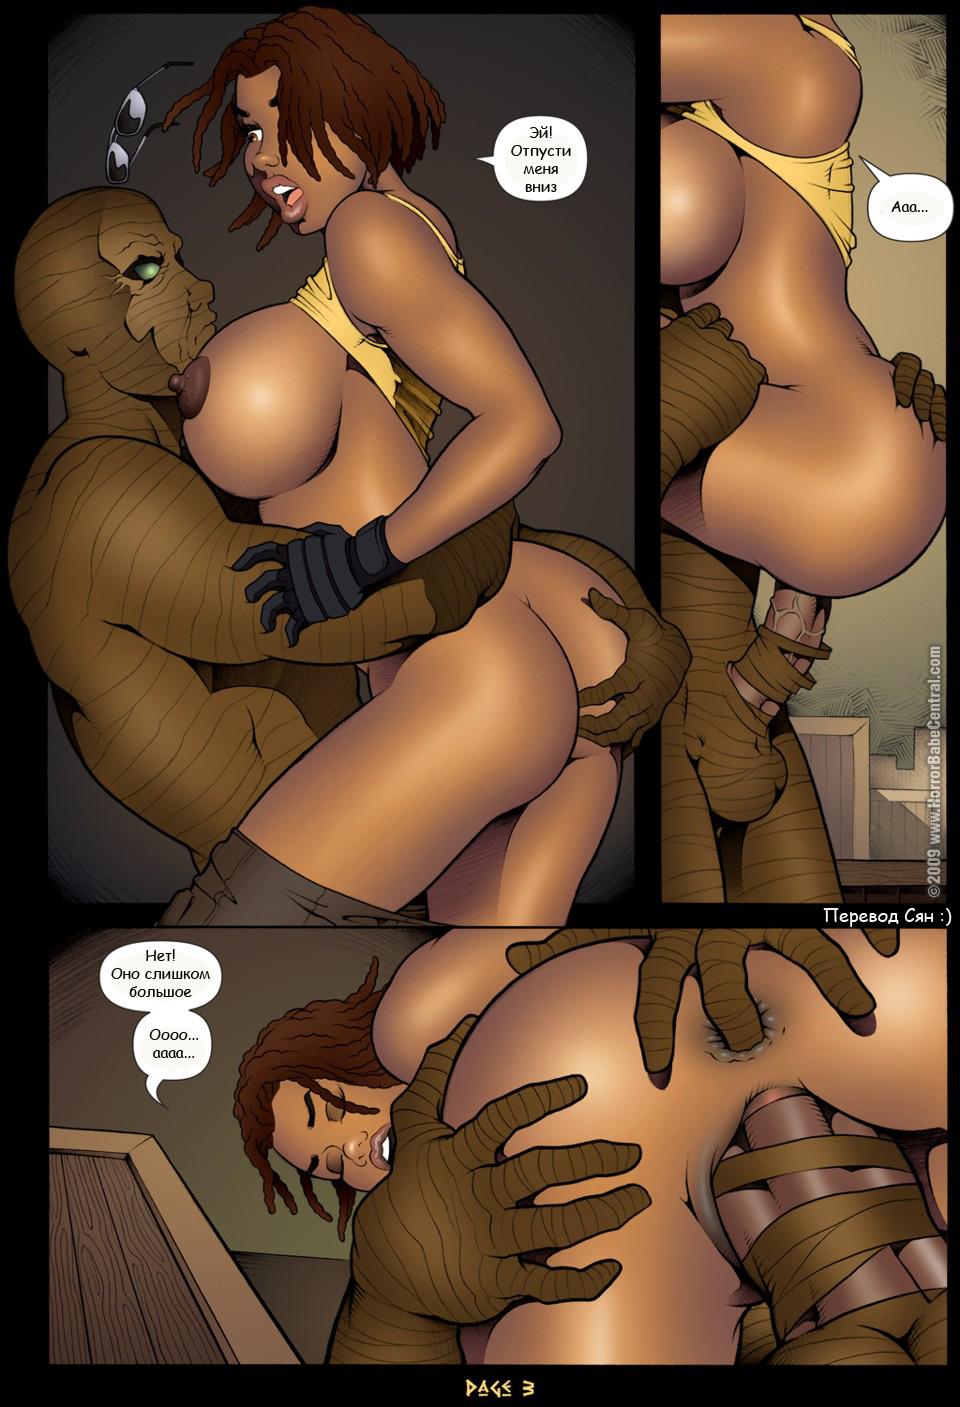 смотреть порно комиксы про ужастики